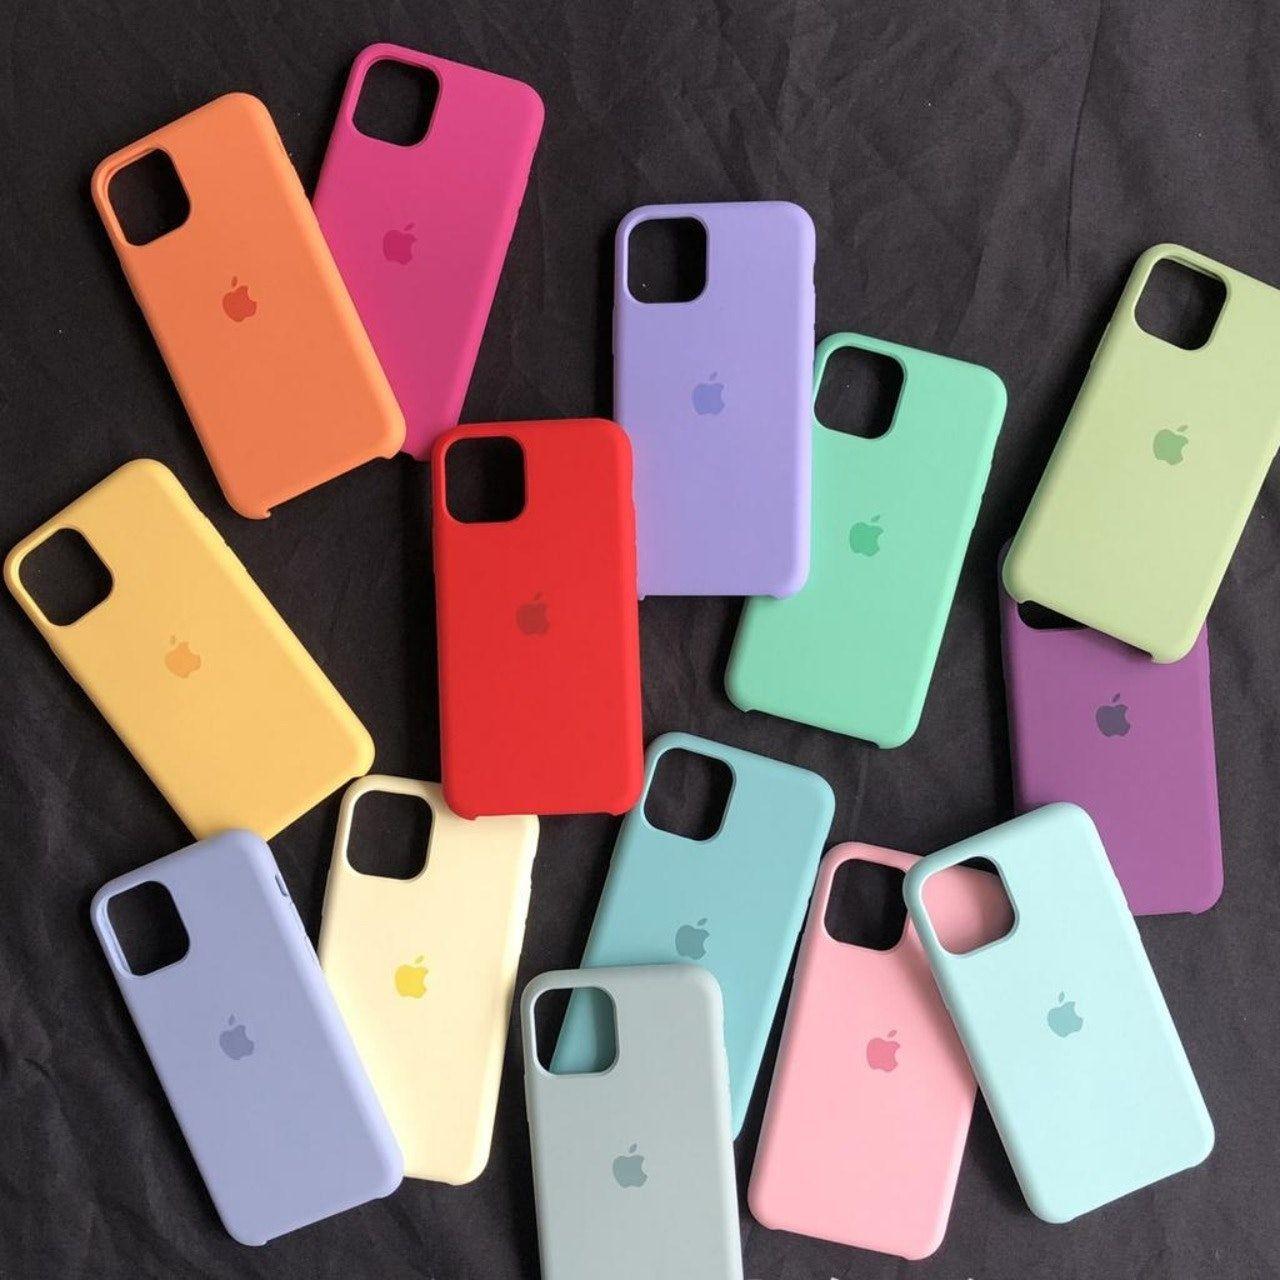 Liquid apple case for iphone 11 official original mobile